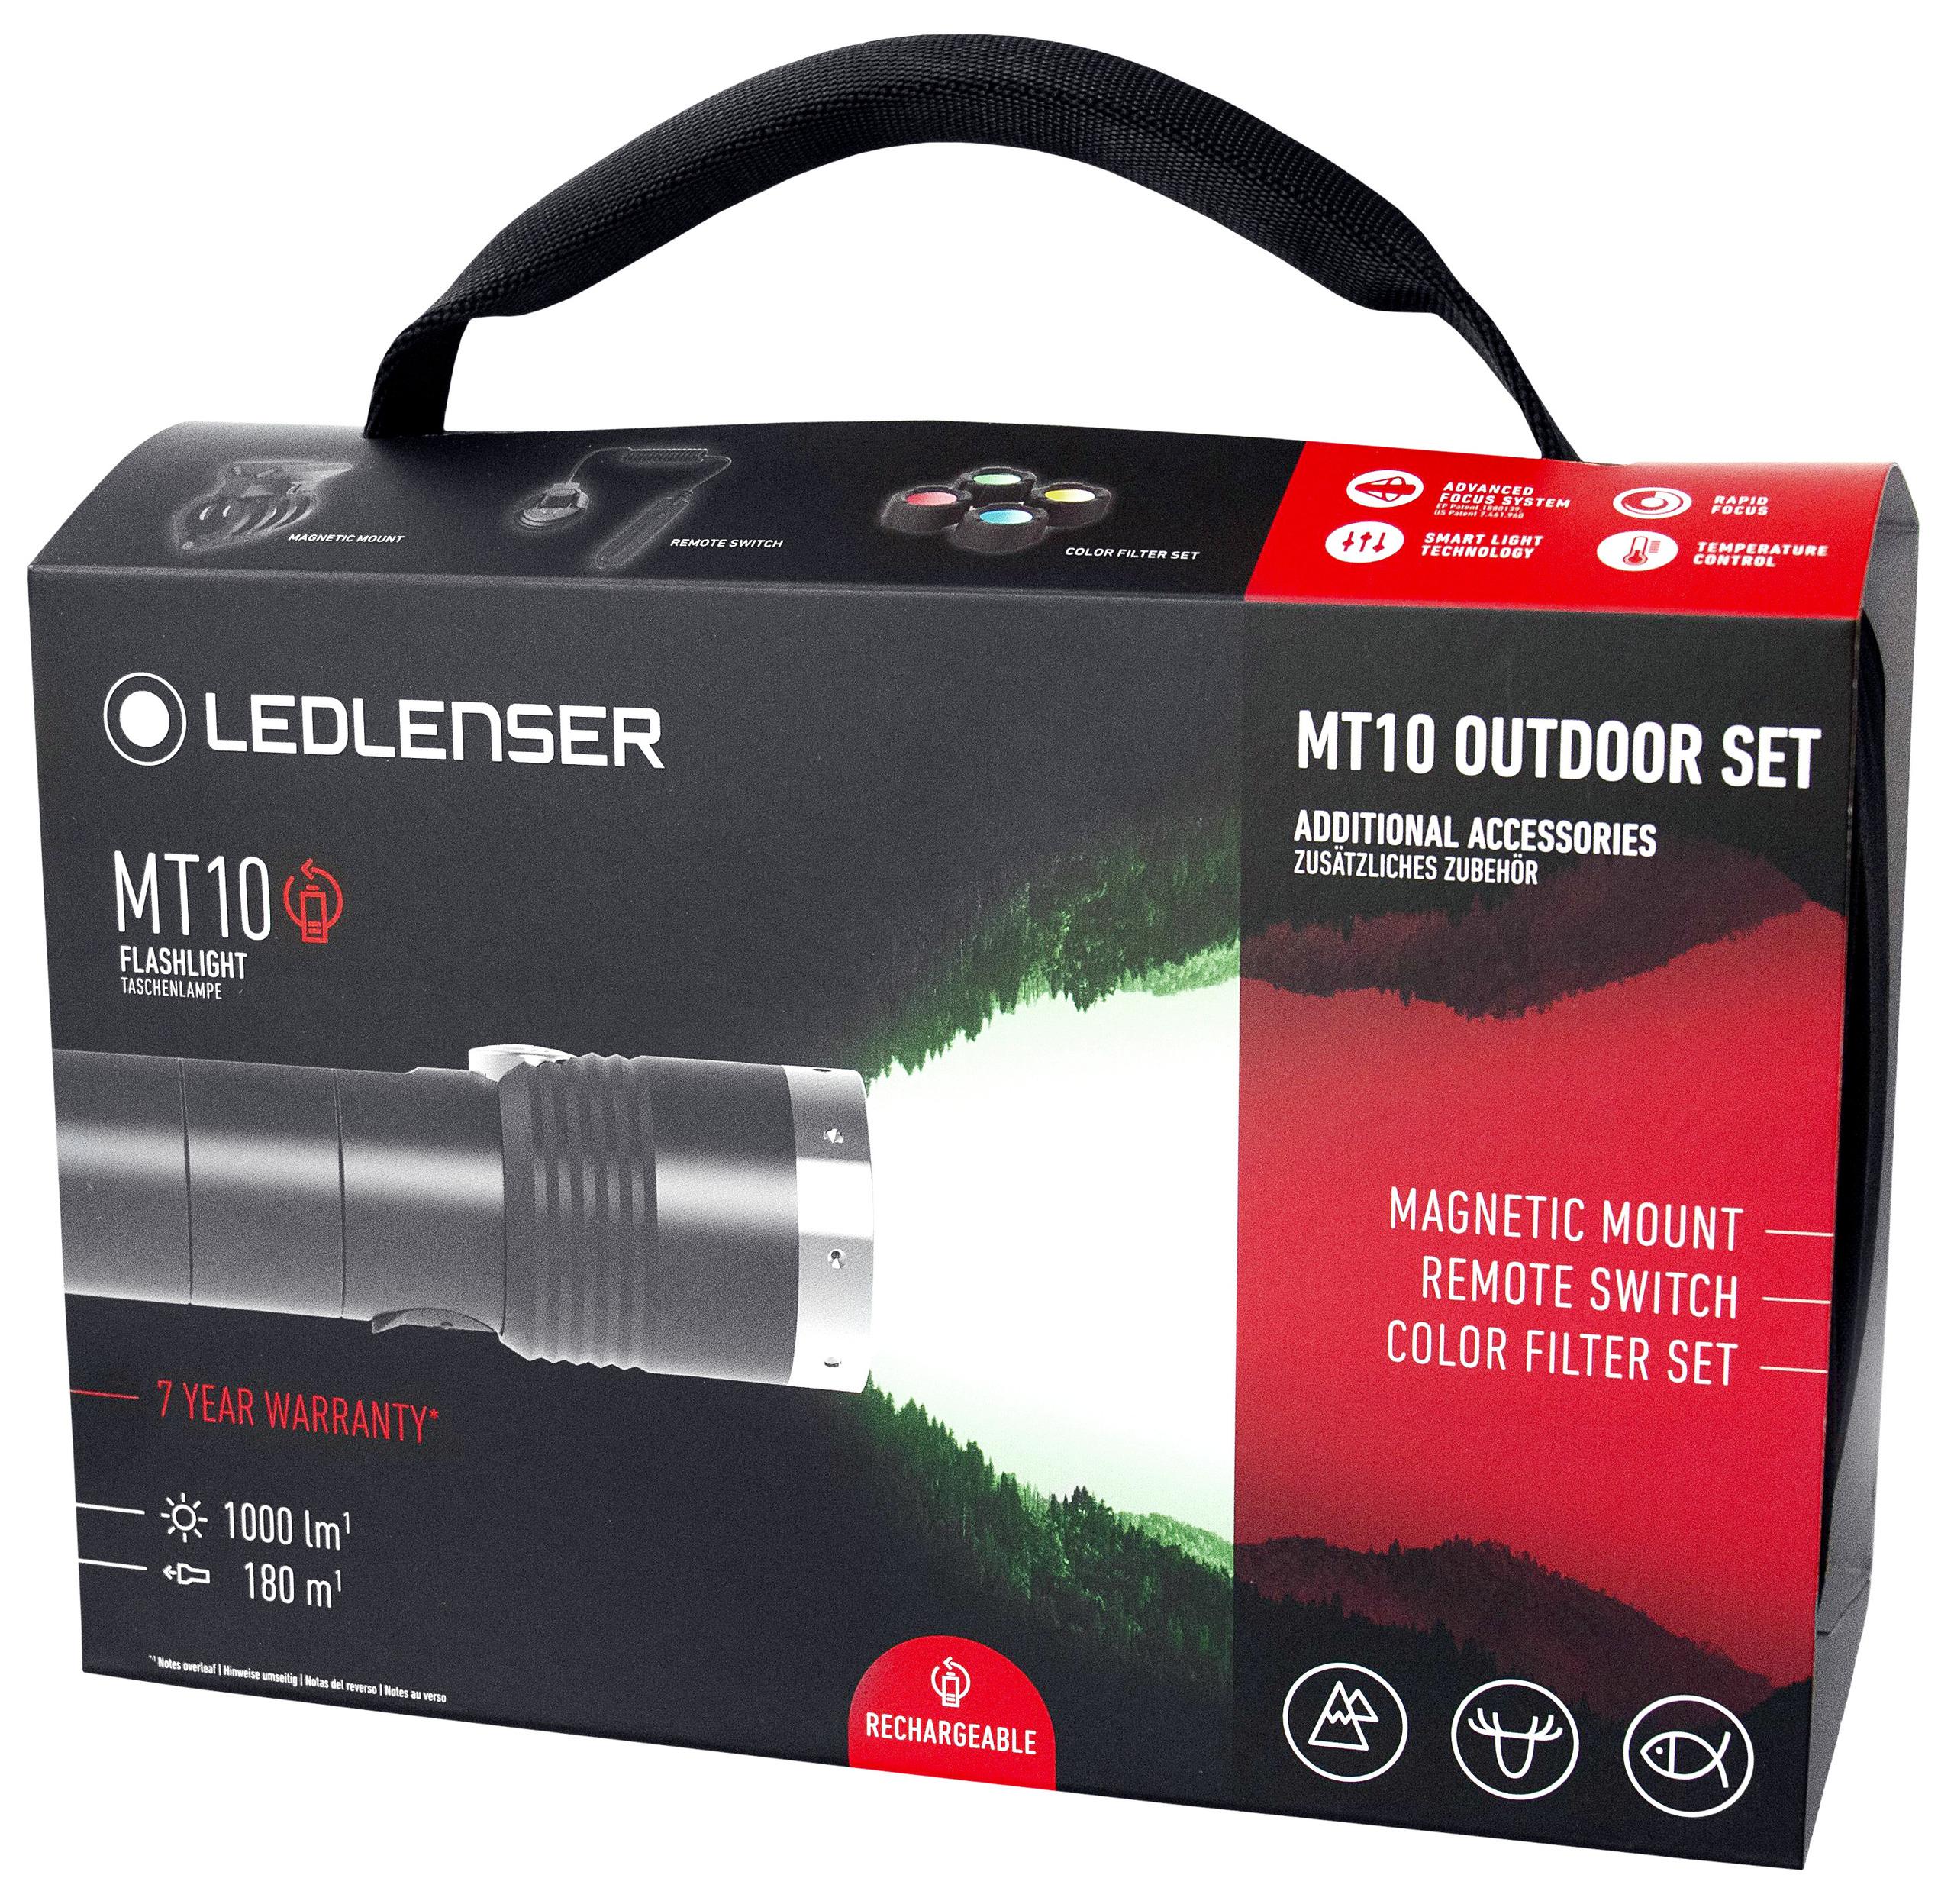 Grube Sale : Led Lenser Outdoor Set , Modell MT 10 bis zu 1000 Lumen, inkl.Satz Farbfilter, Magnethalter und Fernschalter